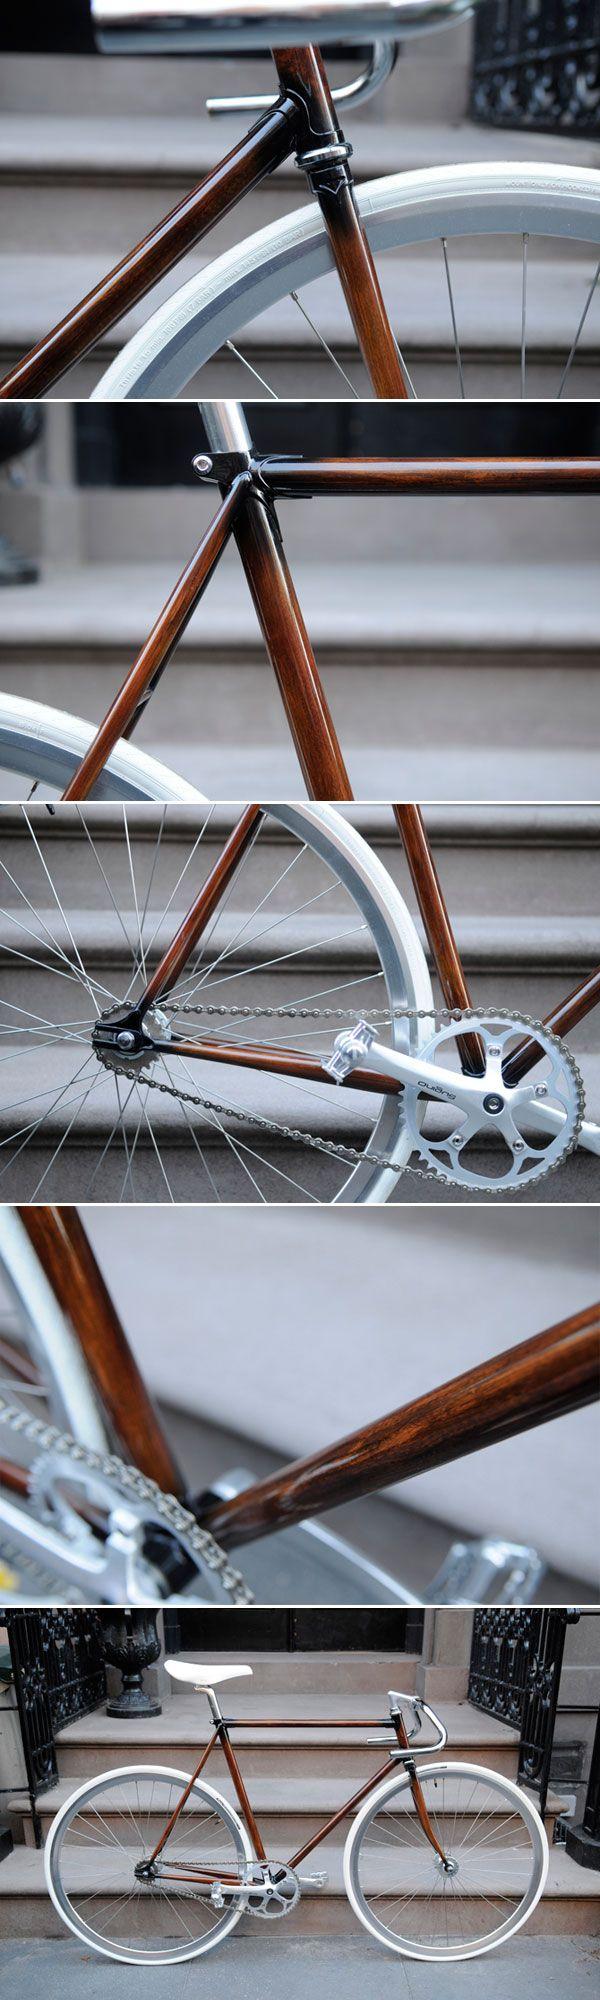 wood grain bicycle: Grains Bicycles, Bike Frames, Wood Grains, Grains Frames, Awesome Frames, Woodgrain Bike, Beautiful Bike, Wood Bike, Awesome Wood